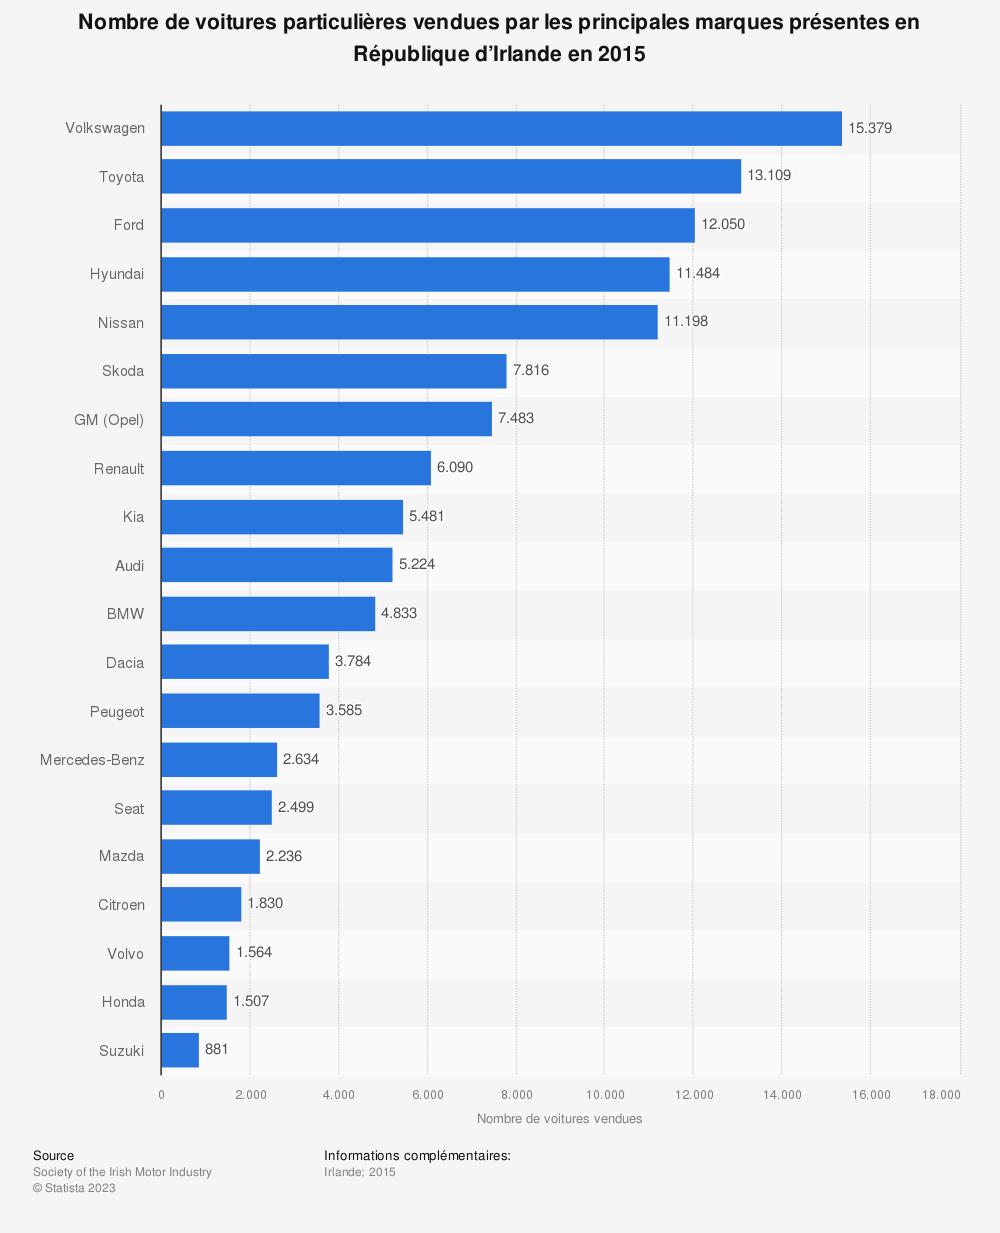 Statistique: Nombre de voitures particulières vendues par les principales marques présentes en République d'Irlande en 2015 | Statista